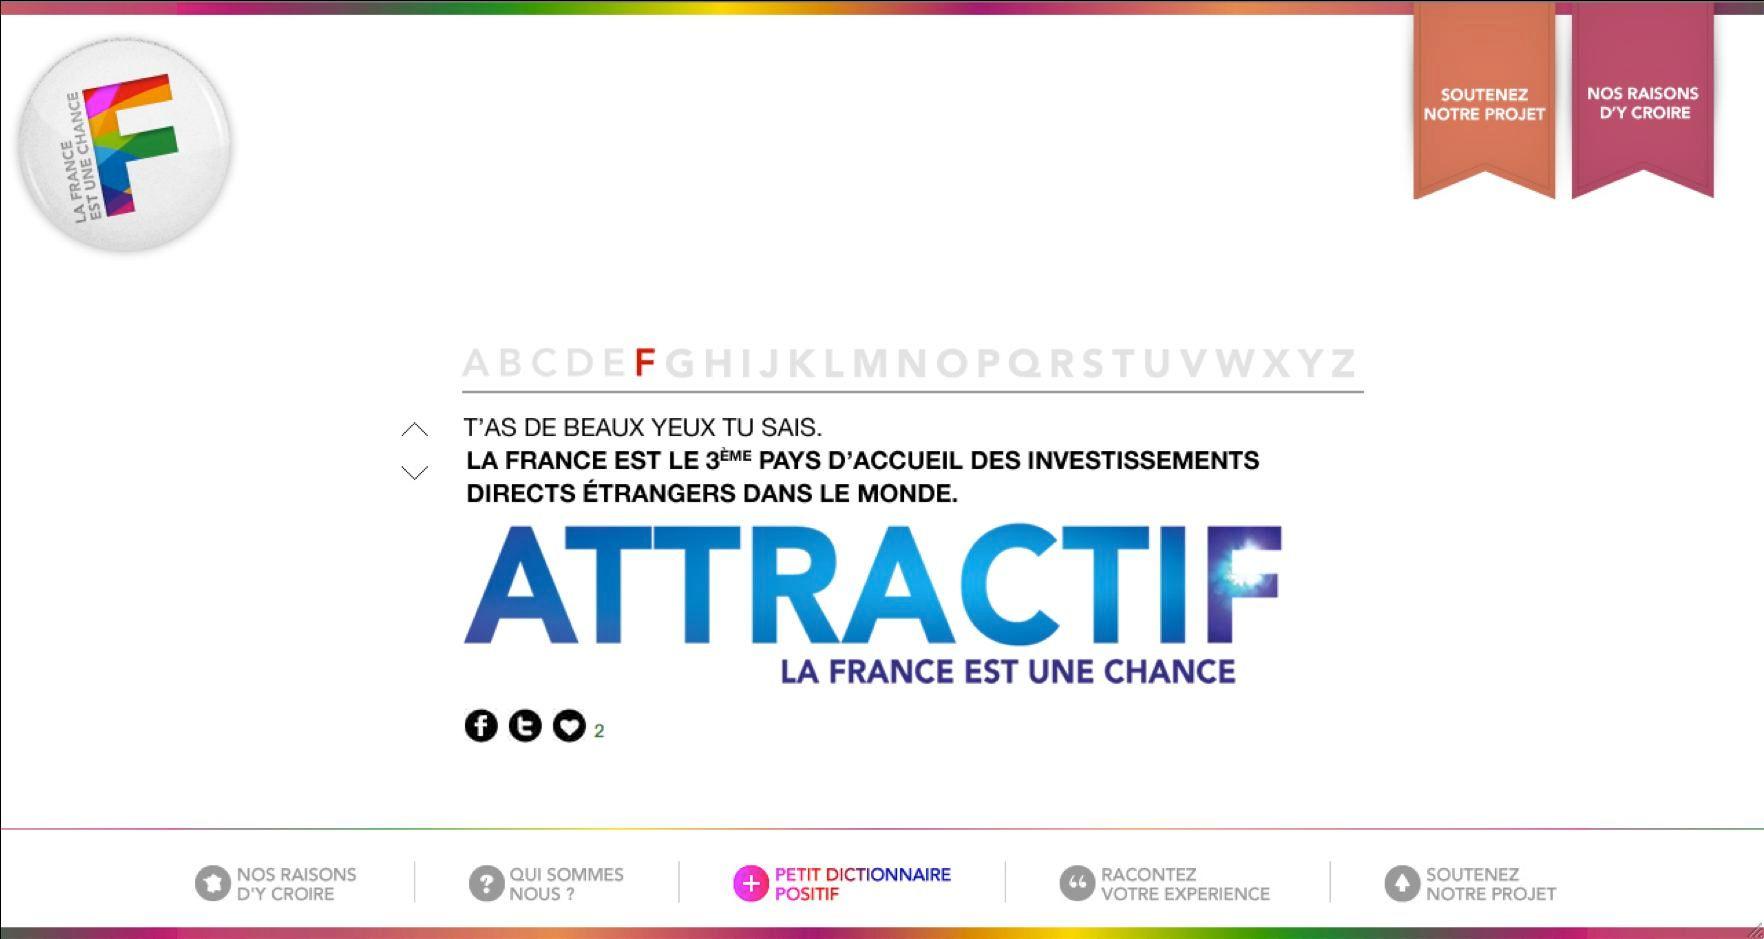 La marque France : une foule d'atouts (1/2)